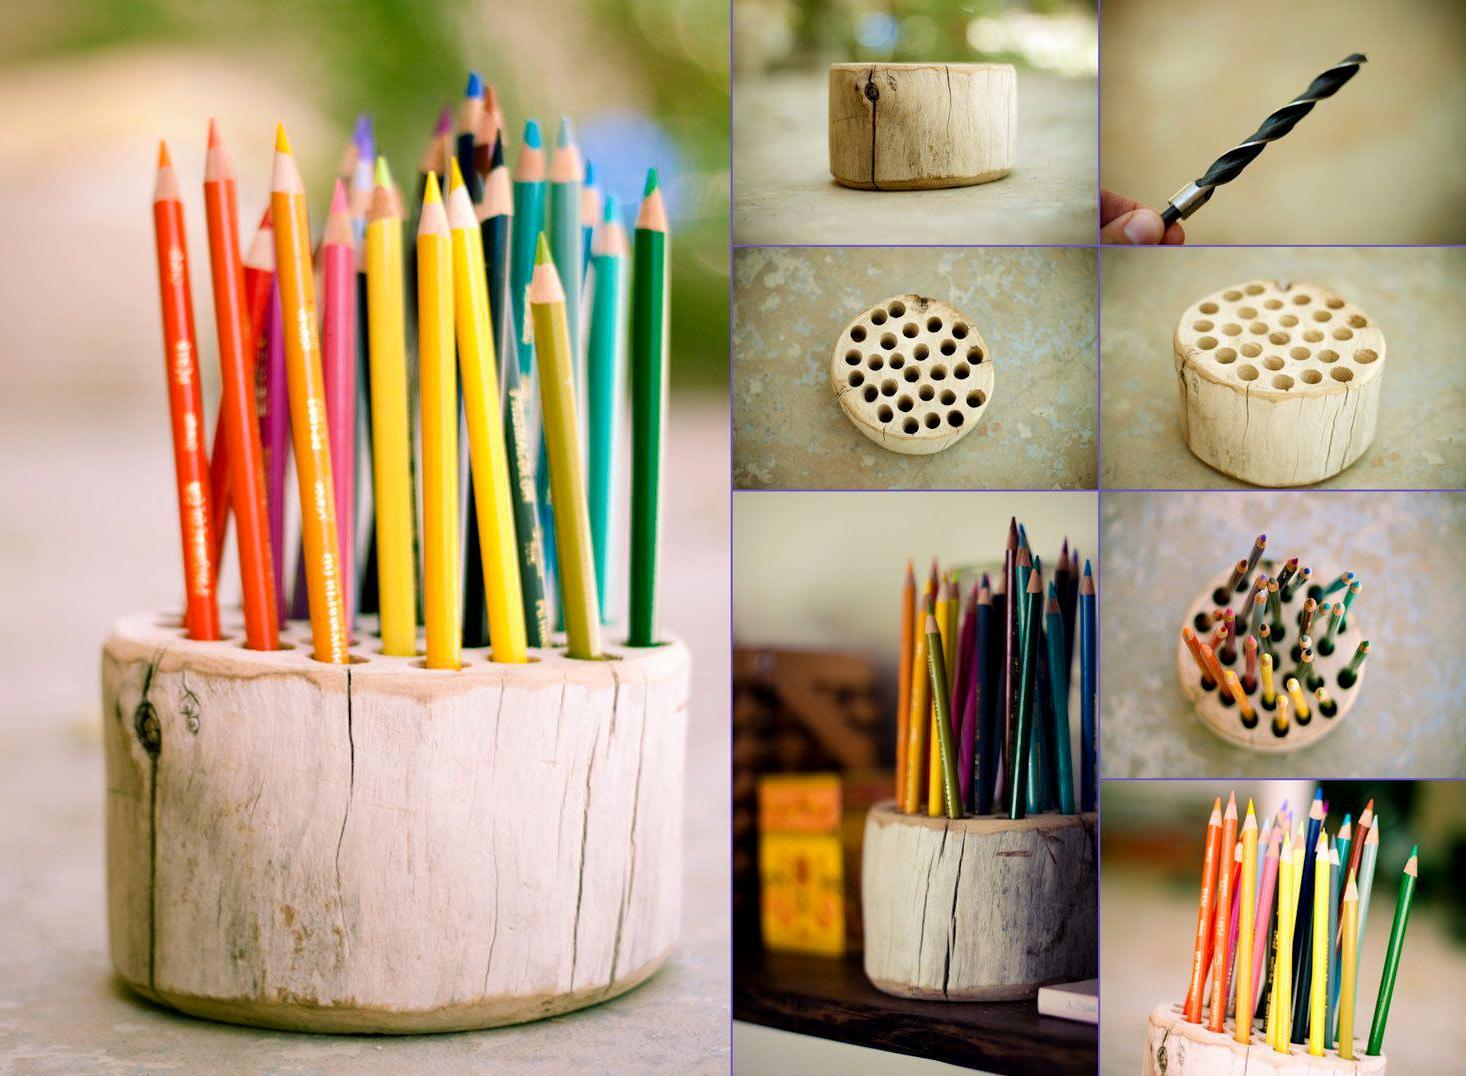 Bekas Tempat Letak Pen Dan Pensil Yang Sangat Menarik Hasil Kreatif